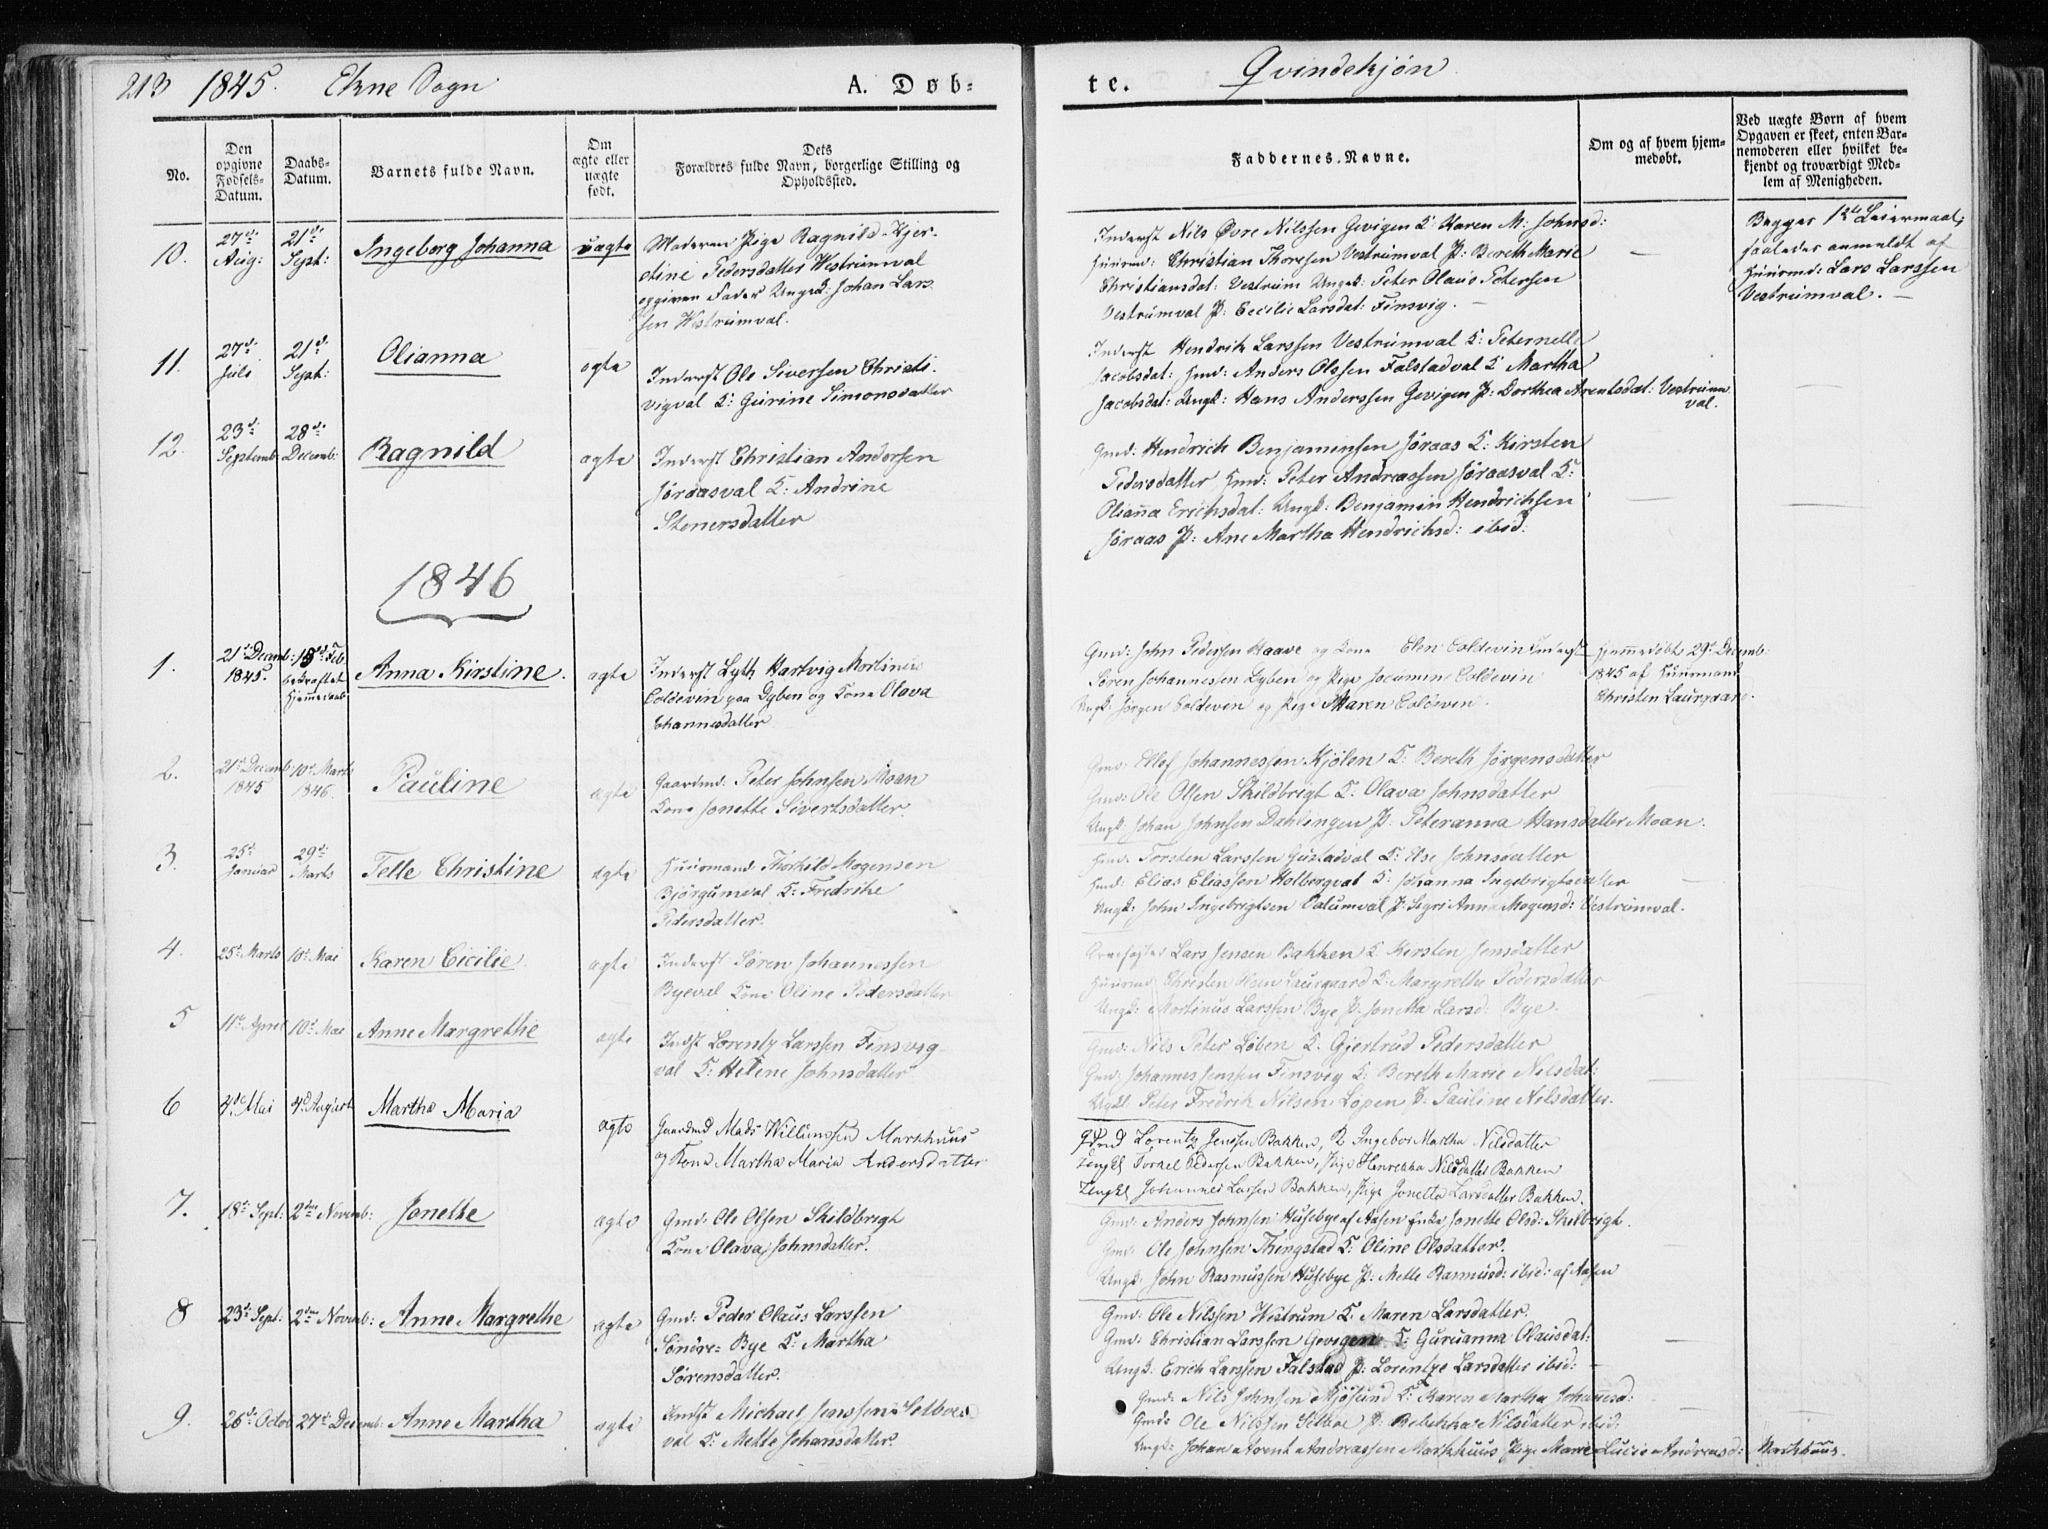 SAT, Ministerialprotokoller, klokkerbøker og fødselsregistre - Nord-Trøndelag, 717/L0154: Ministerialbok nr. 717A06 /2, 1836-1849, s. 213